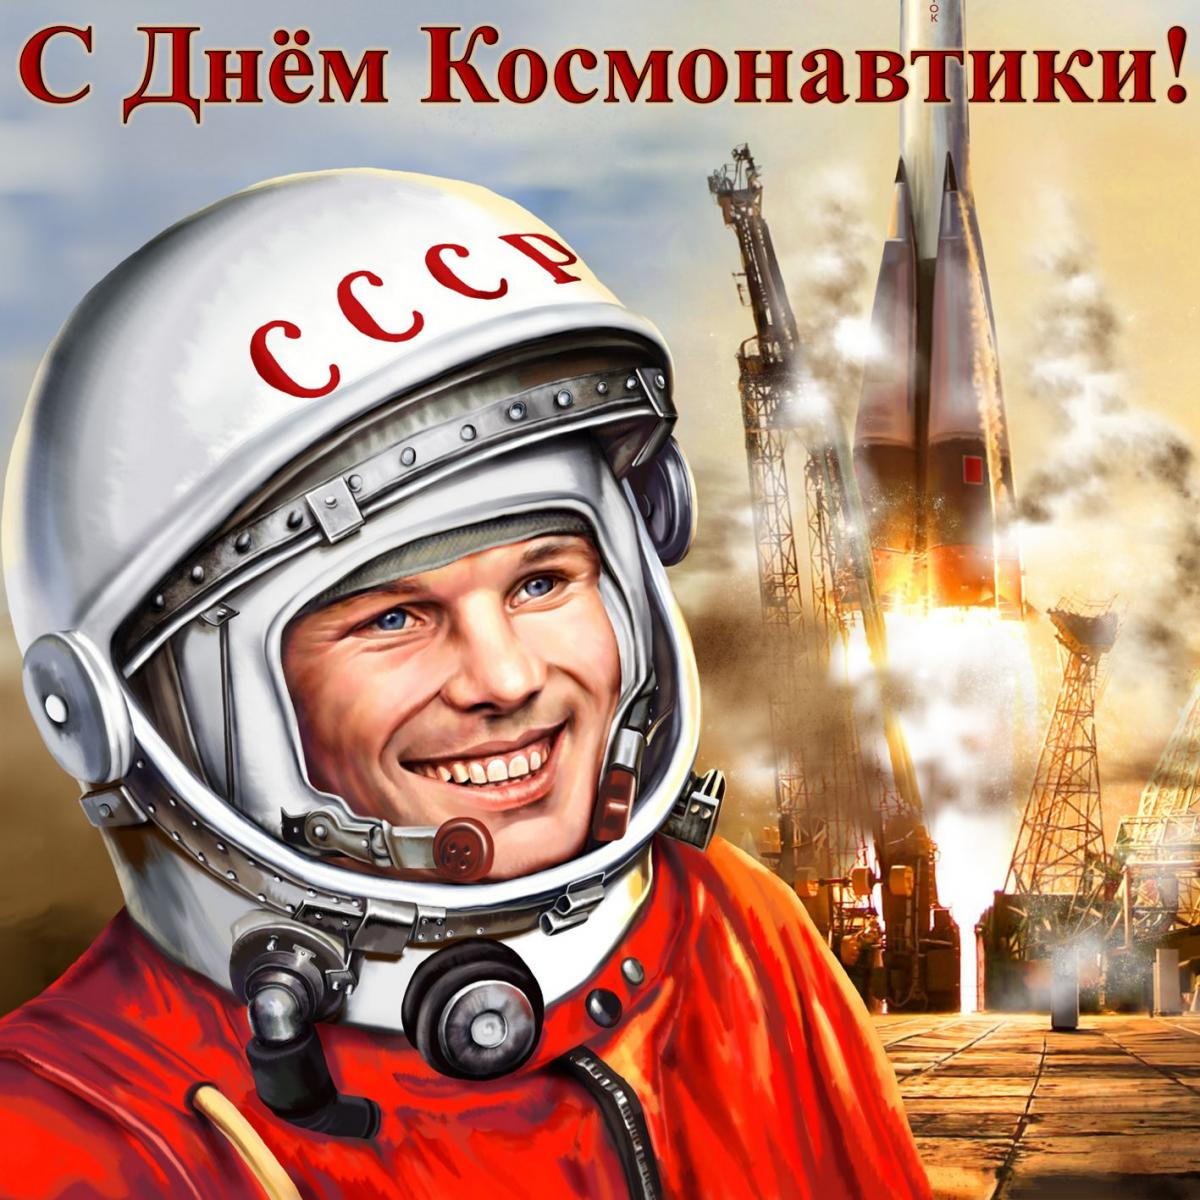 Картинки с днем космонавтики /фото bonnycards.com